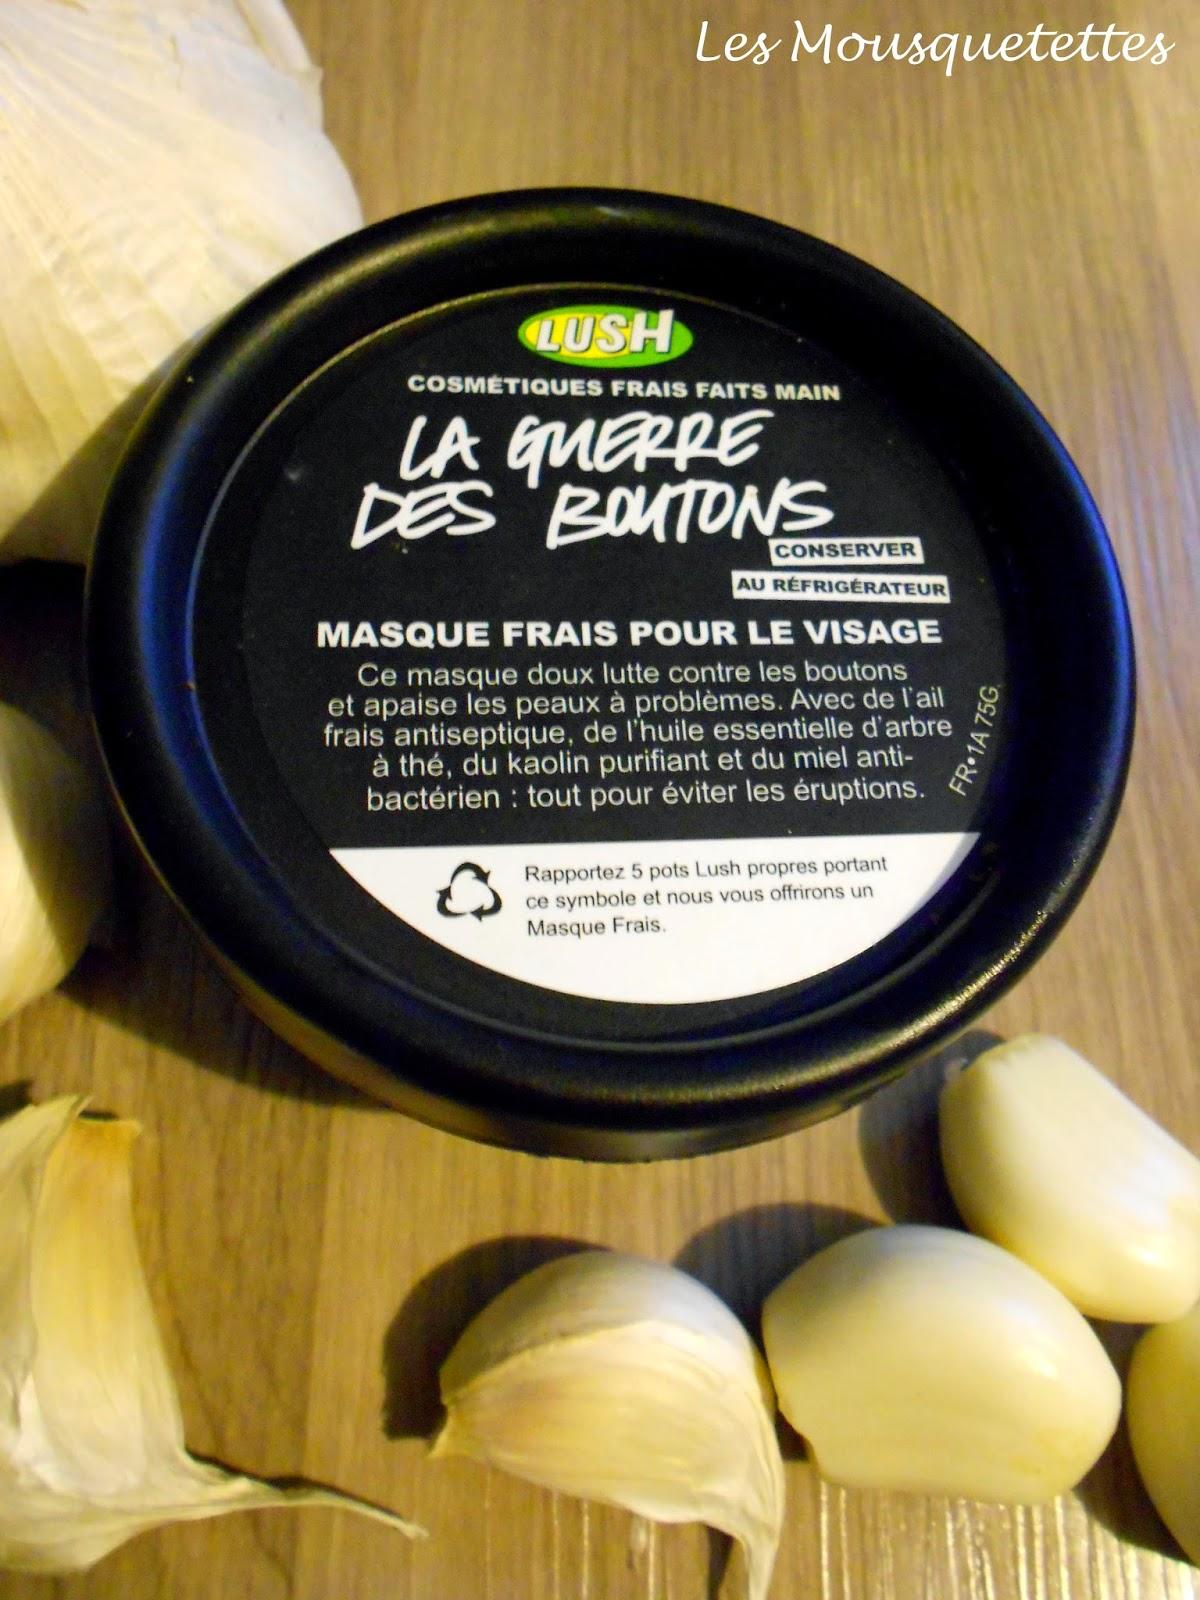 Masque Frais La Guerre des Boutons Lush - Les Mousquetettes©